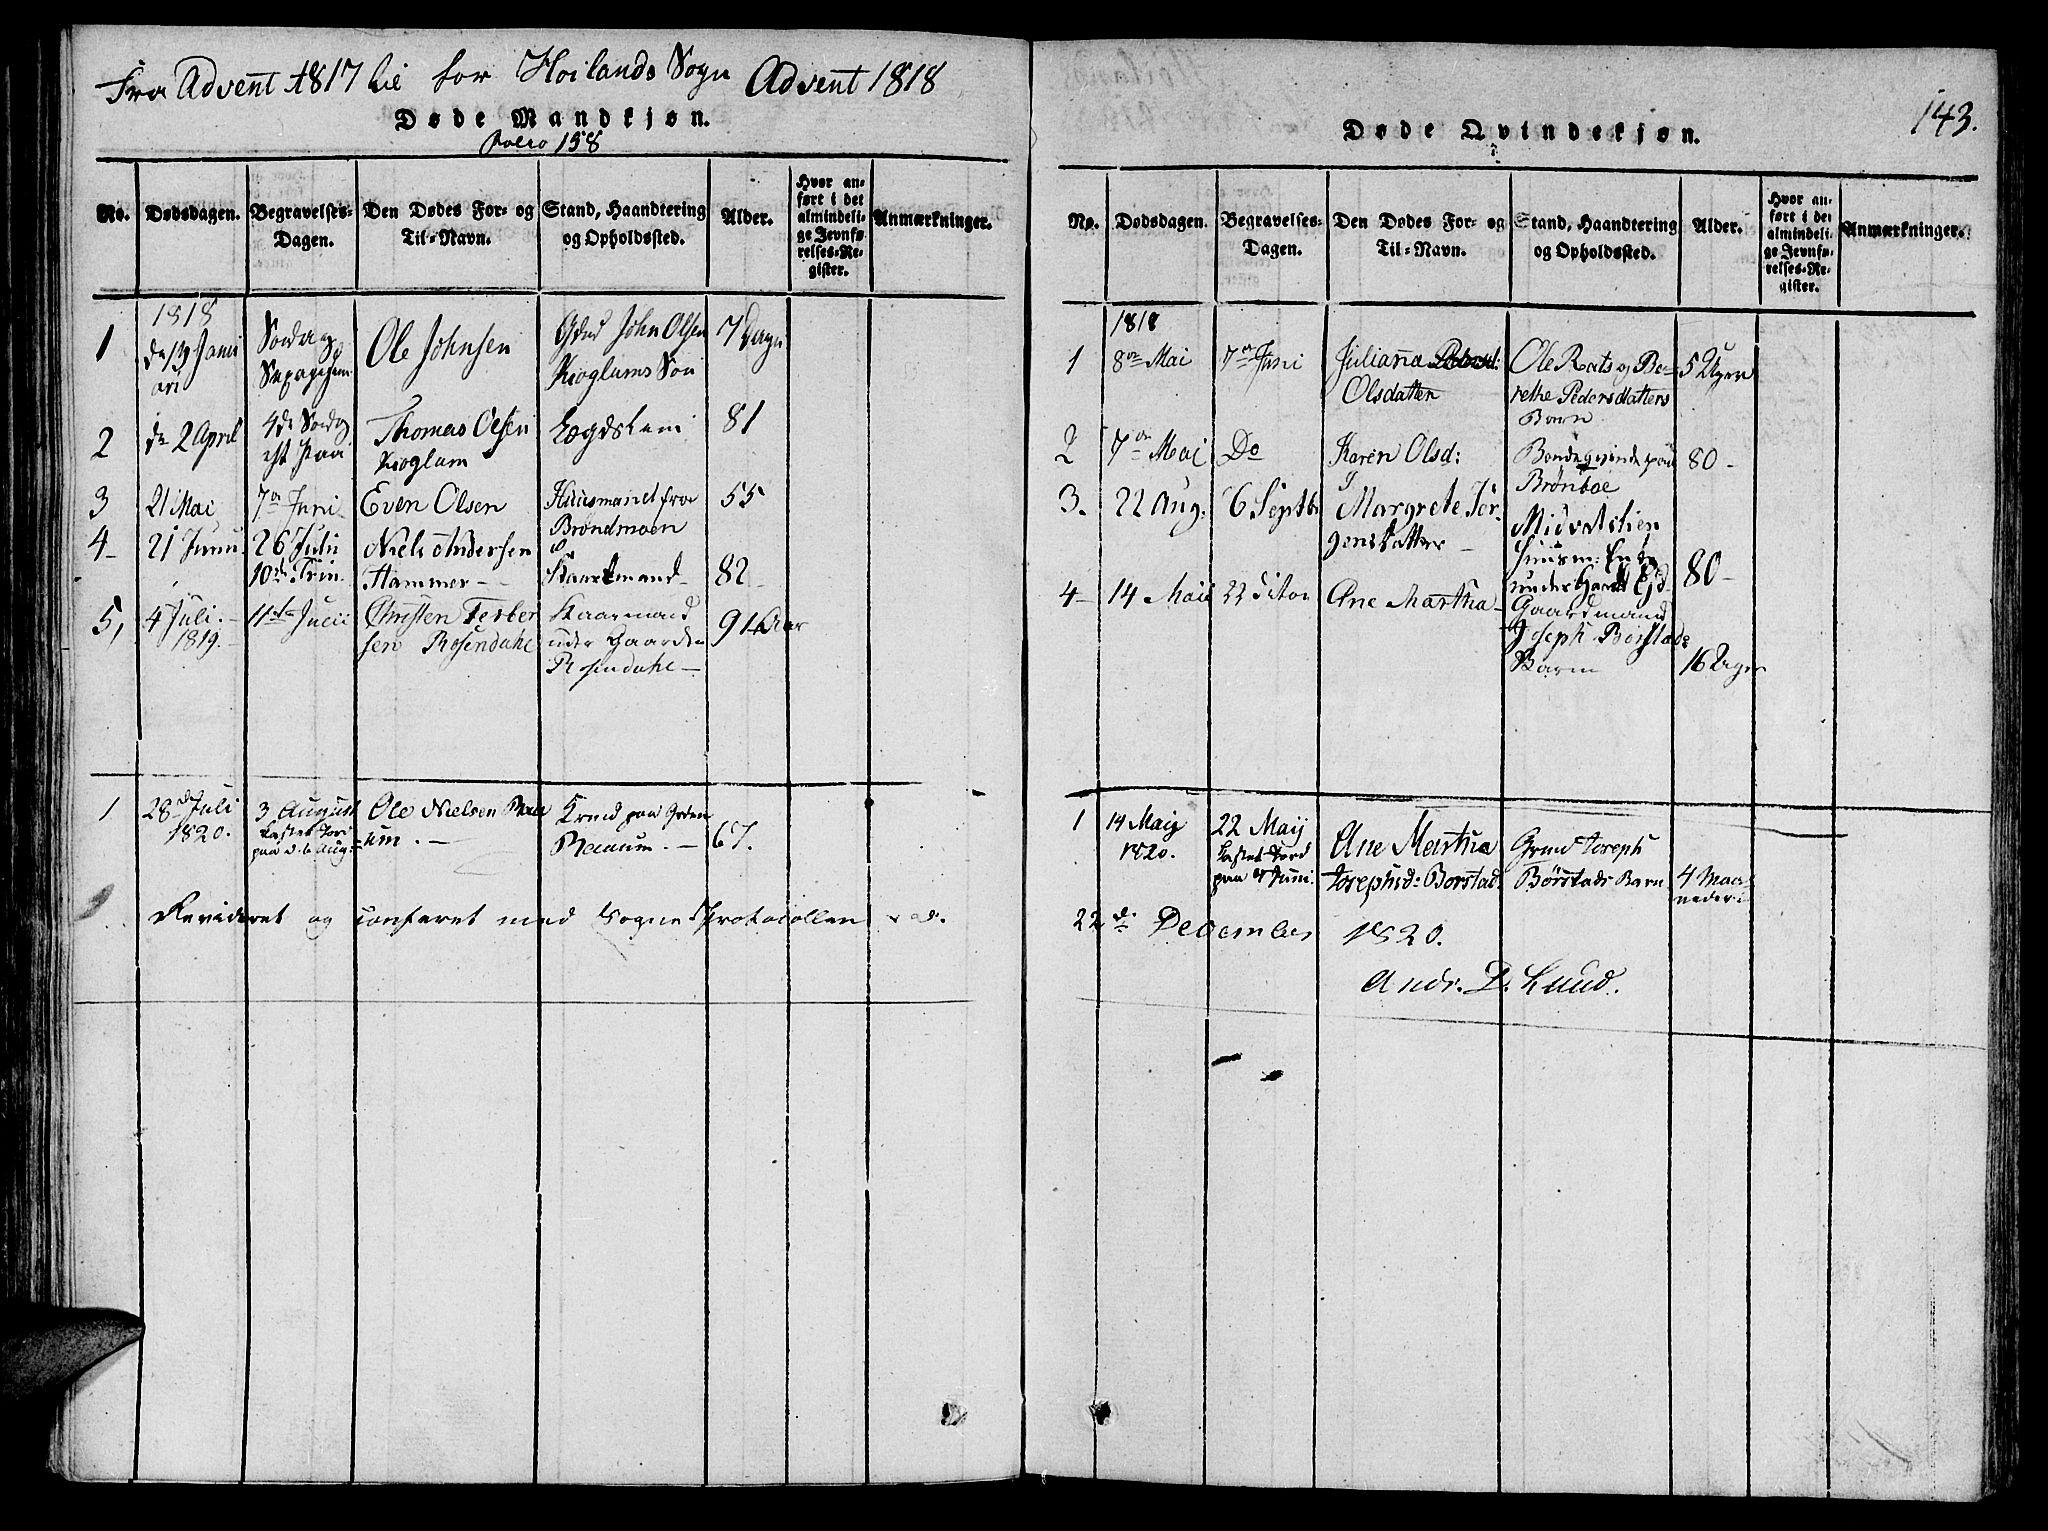 SAT, Ministerialprotokoller, klokkerbøker og fødselsregistre - Nord-Trøndelag, 764/L0546: Parish register (official) no. 764A06 /3, 1817-1821, p. 143